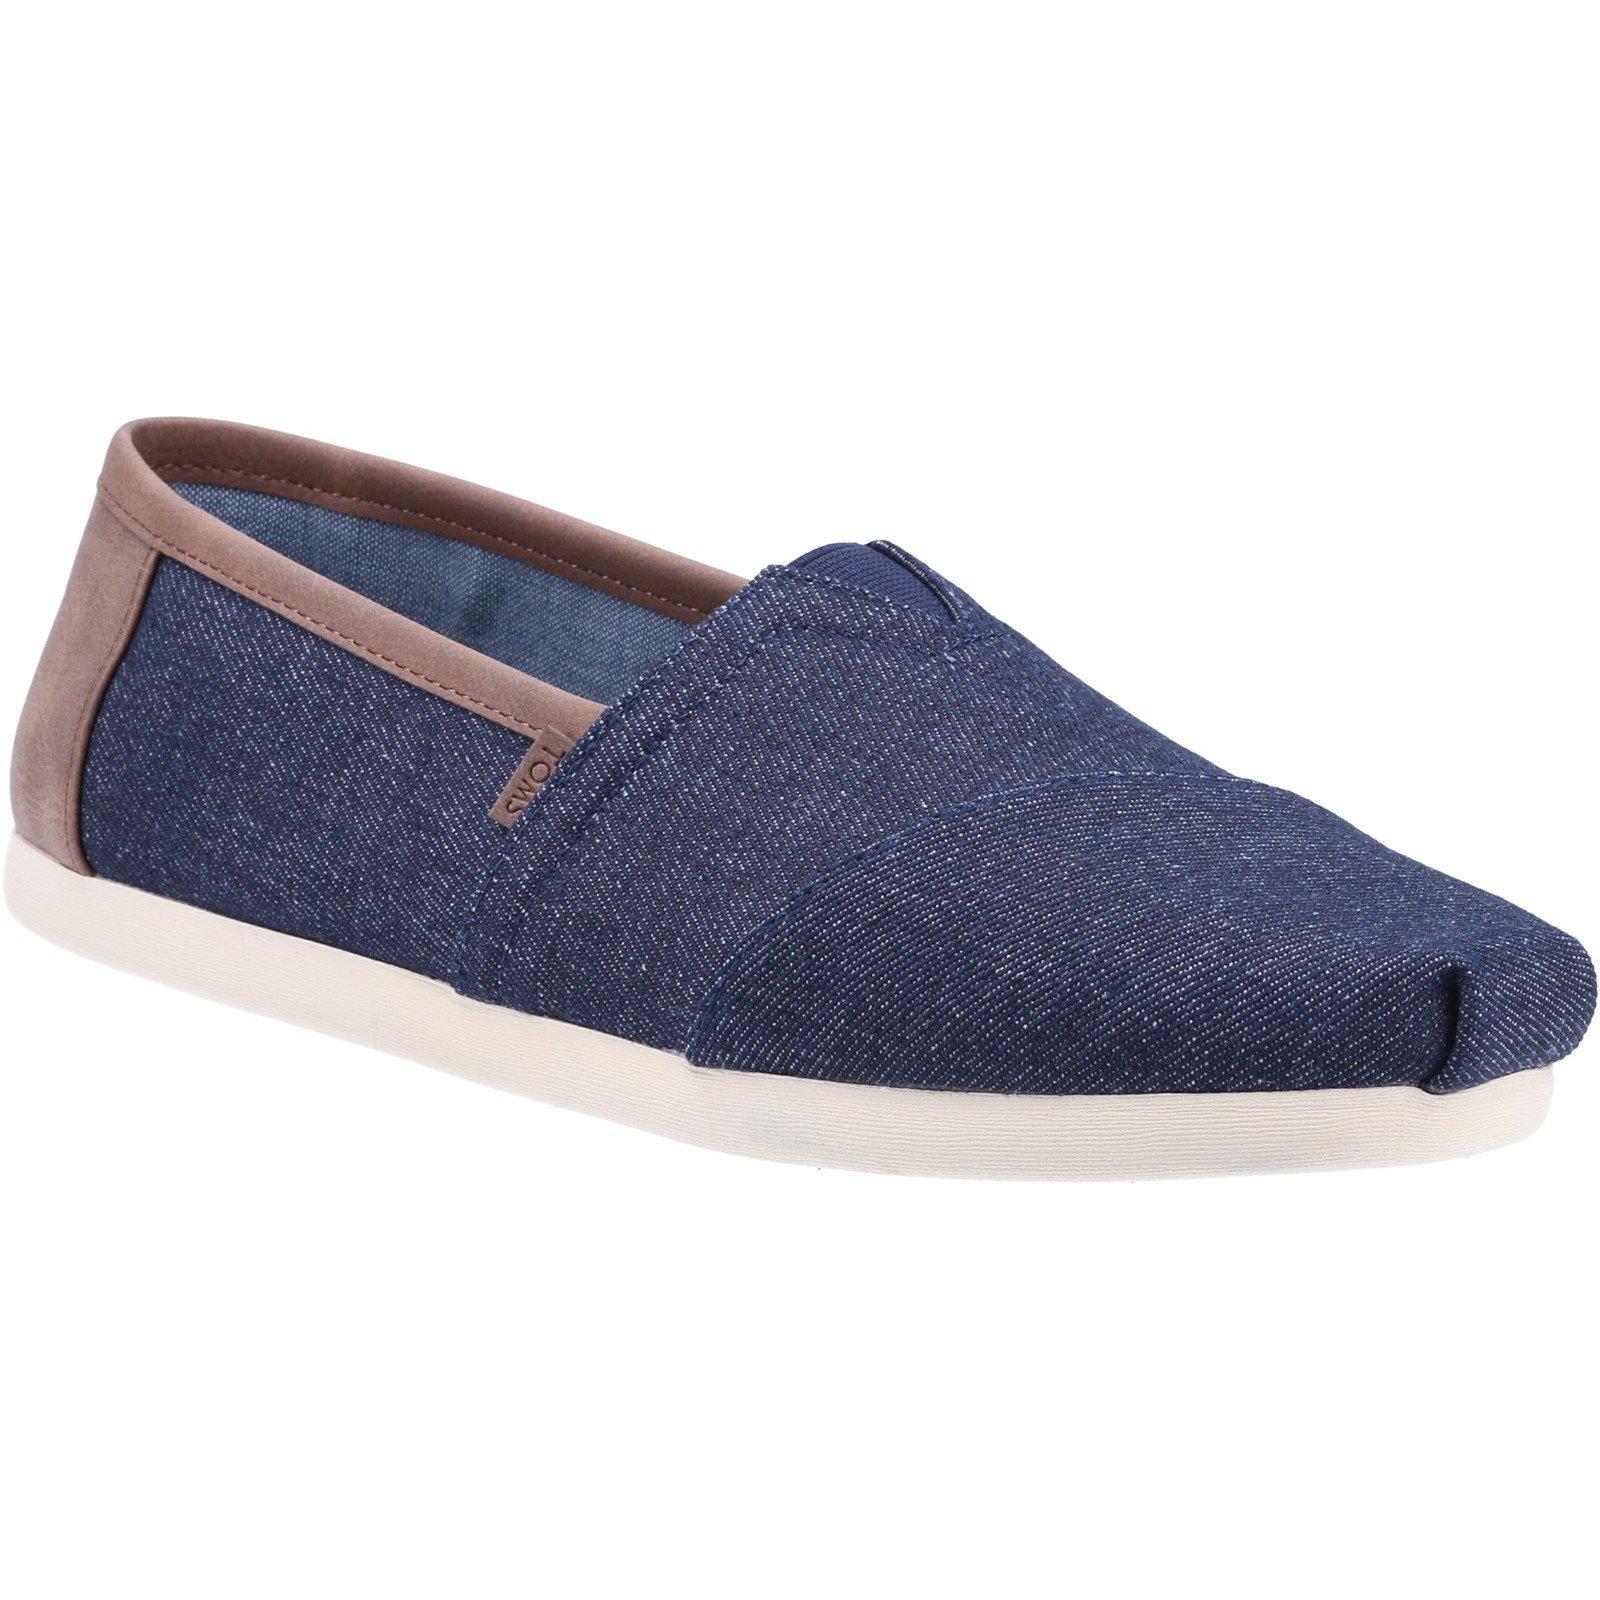 TOMS Men's Alpargata Dark Denim Trim Loafer Blue 32548 - Blue 7